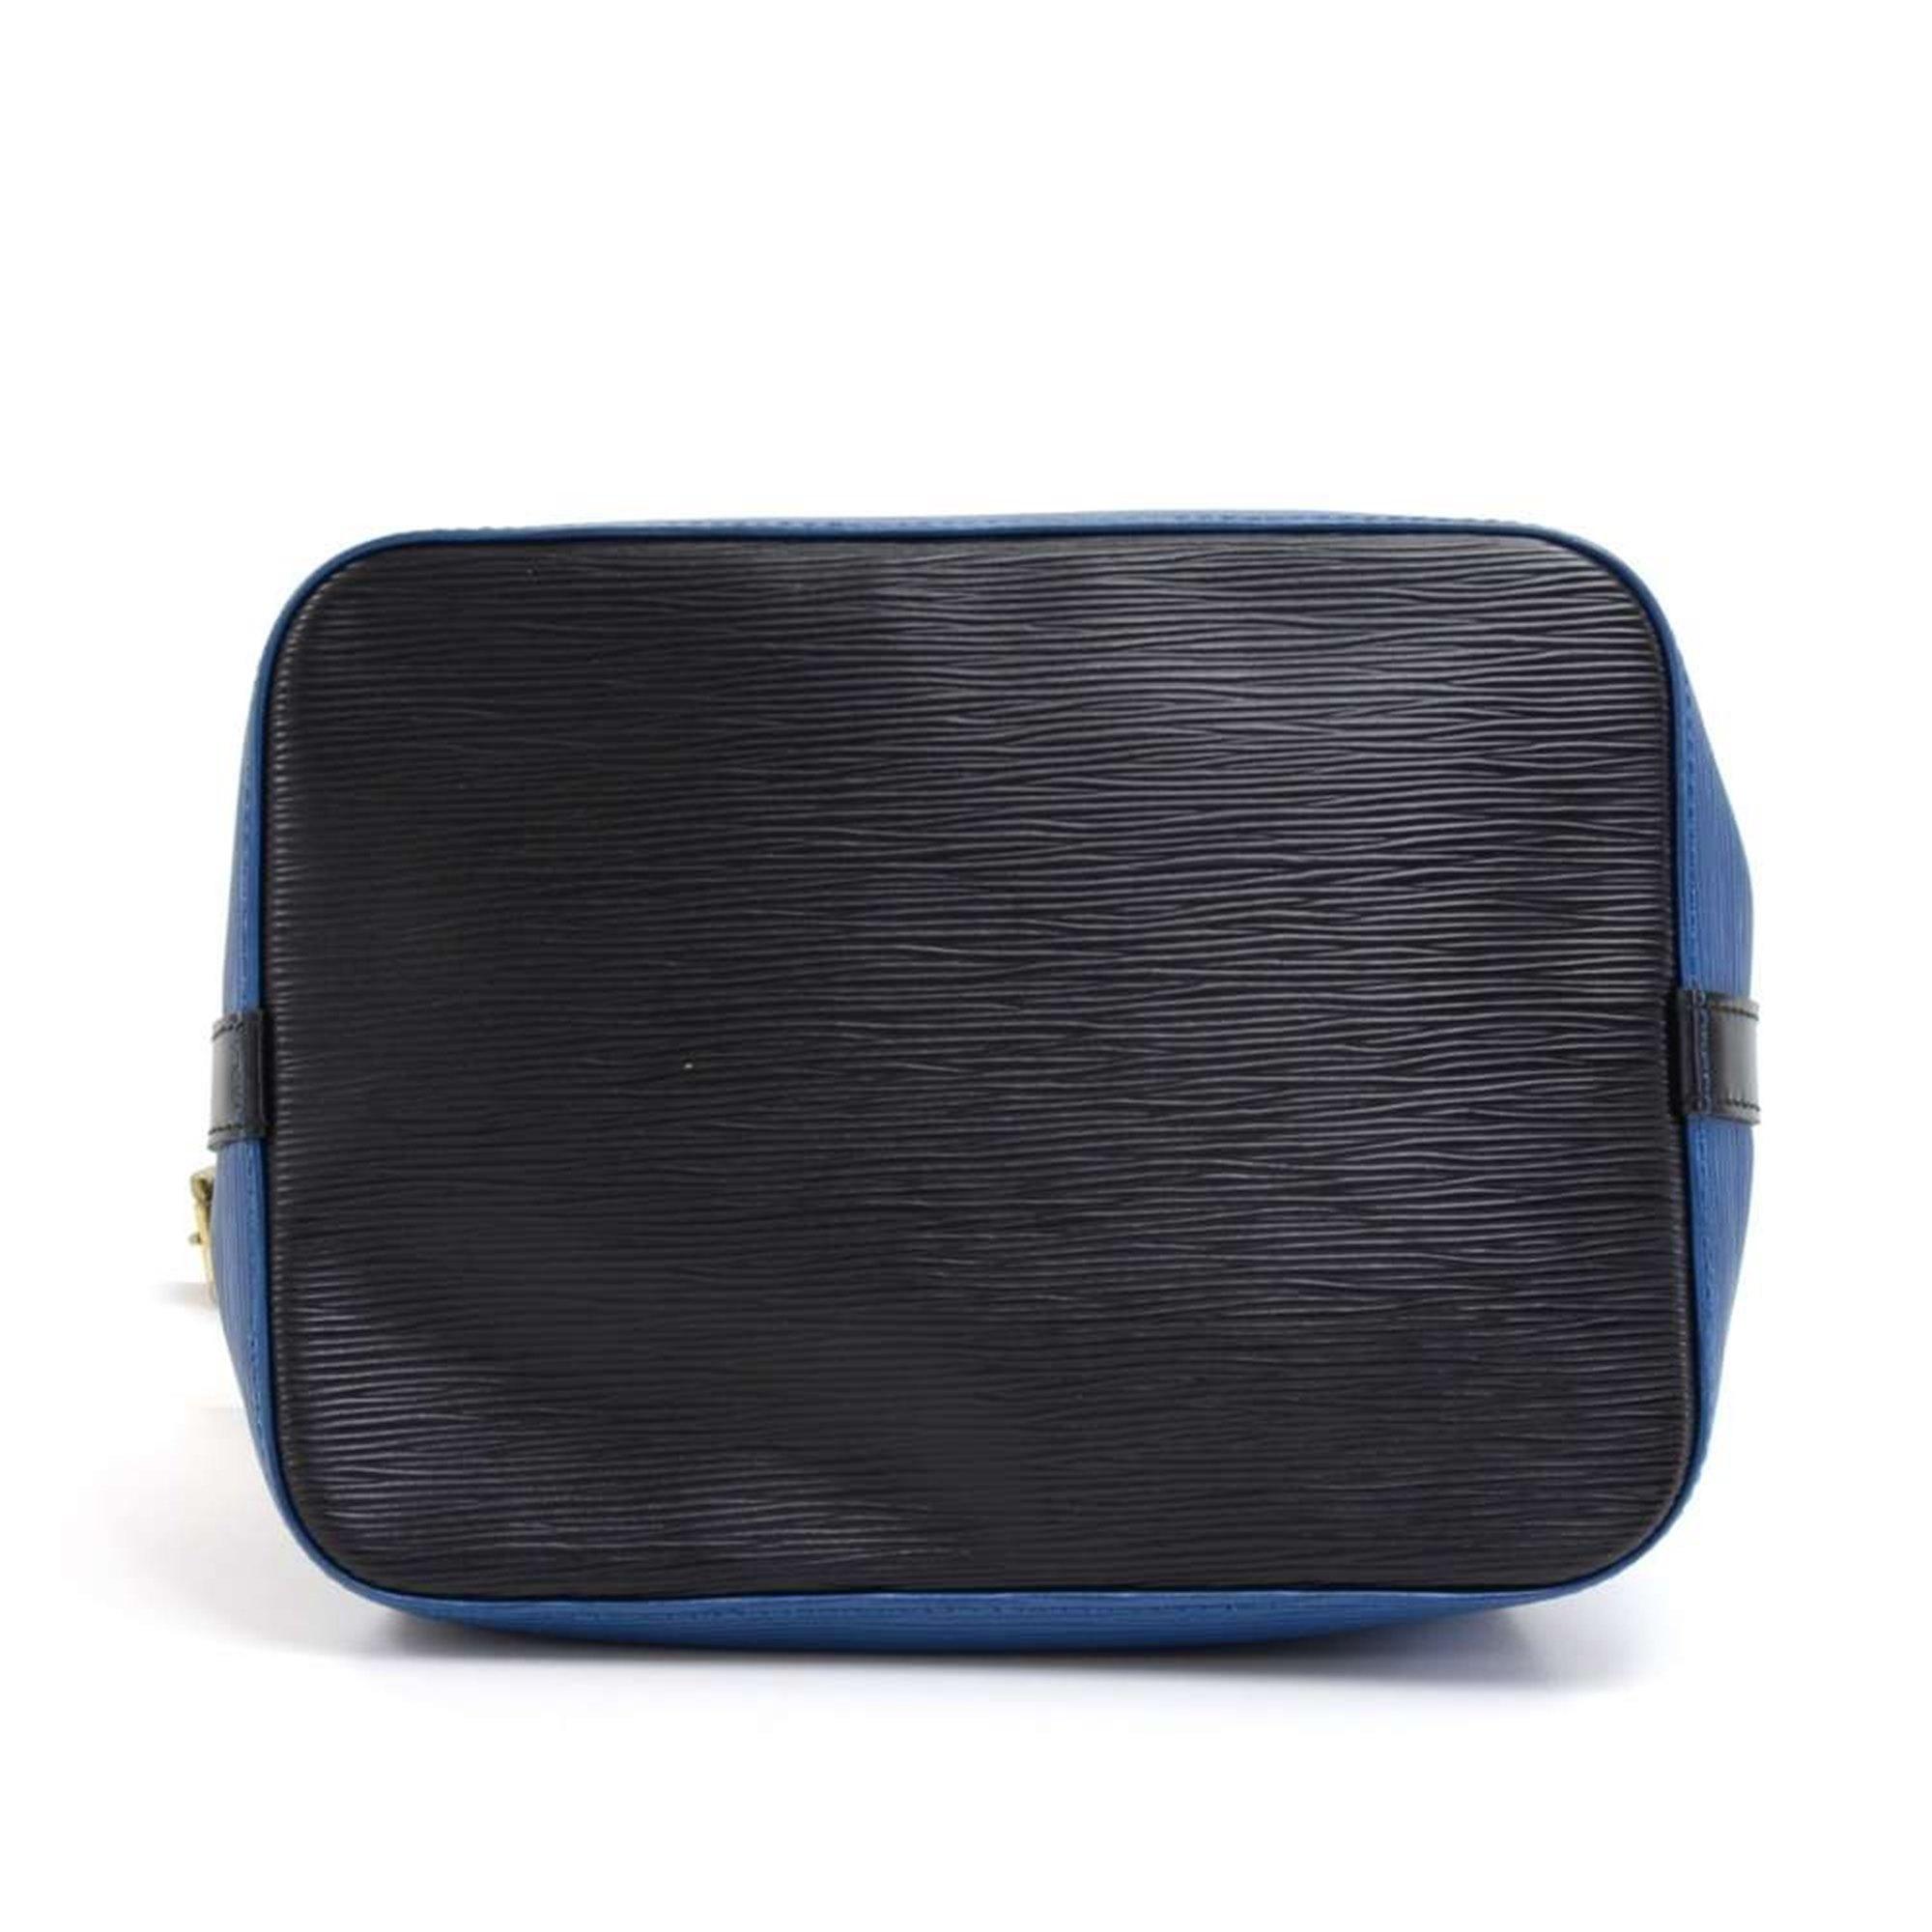 Louis Vuitton Black & Blue Epi Leather Vintage Petit Noé